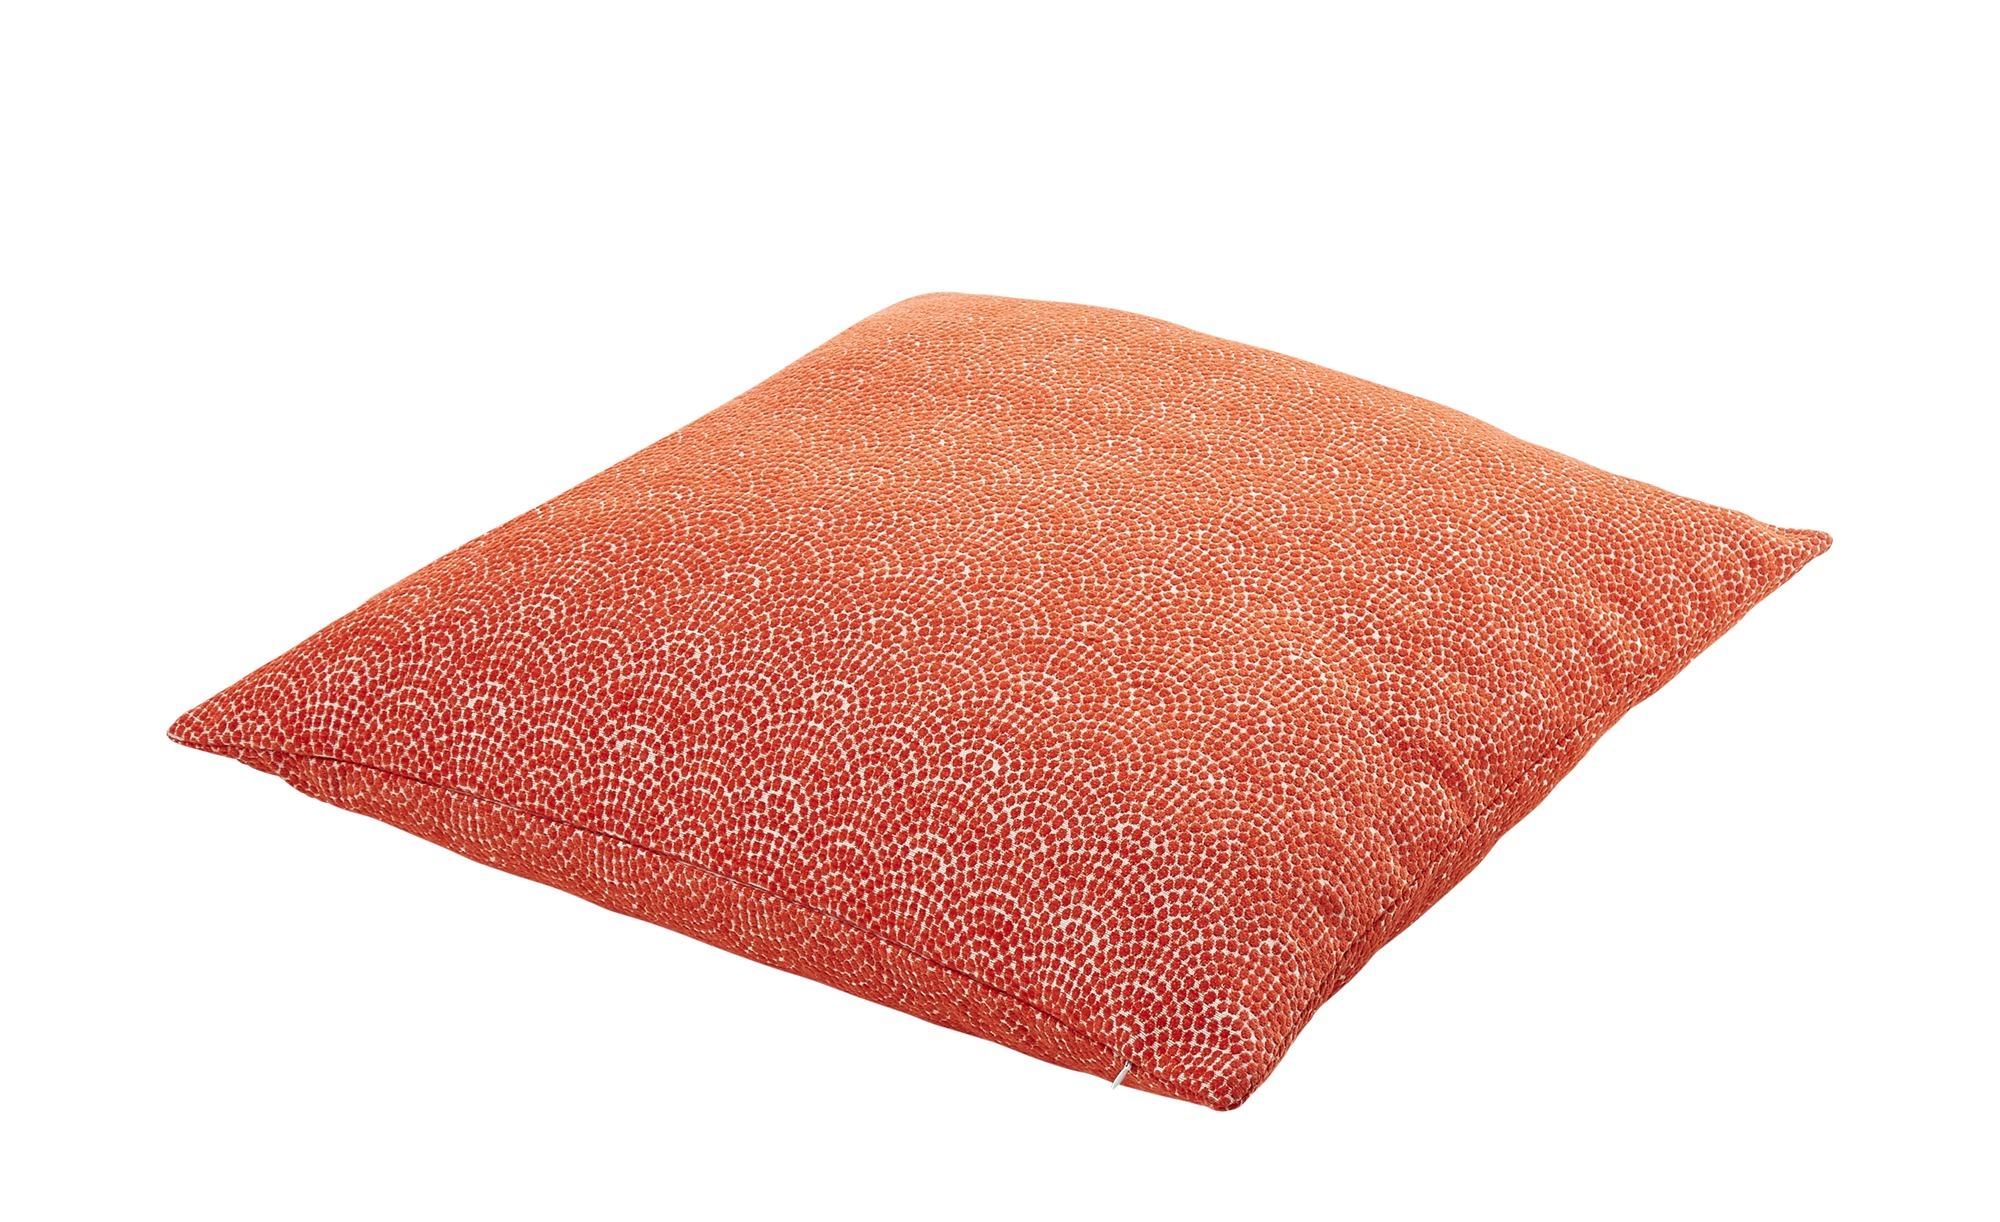 LAVIDA Bodenkissen  Kathi ¦ orange ¦ 100% Polyesterfüllung ¦ Maße (cm): B: 70 Heimtextilien > Kissen > Dekokissen - Höffner